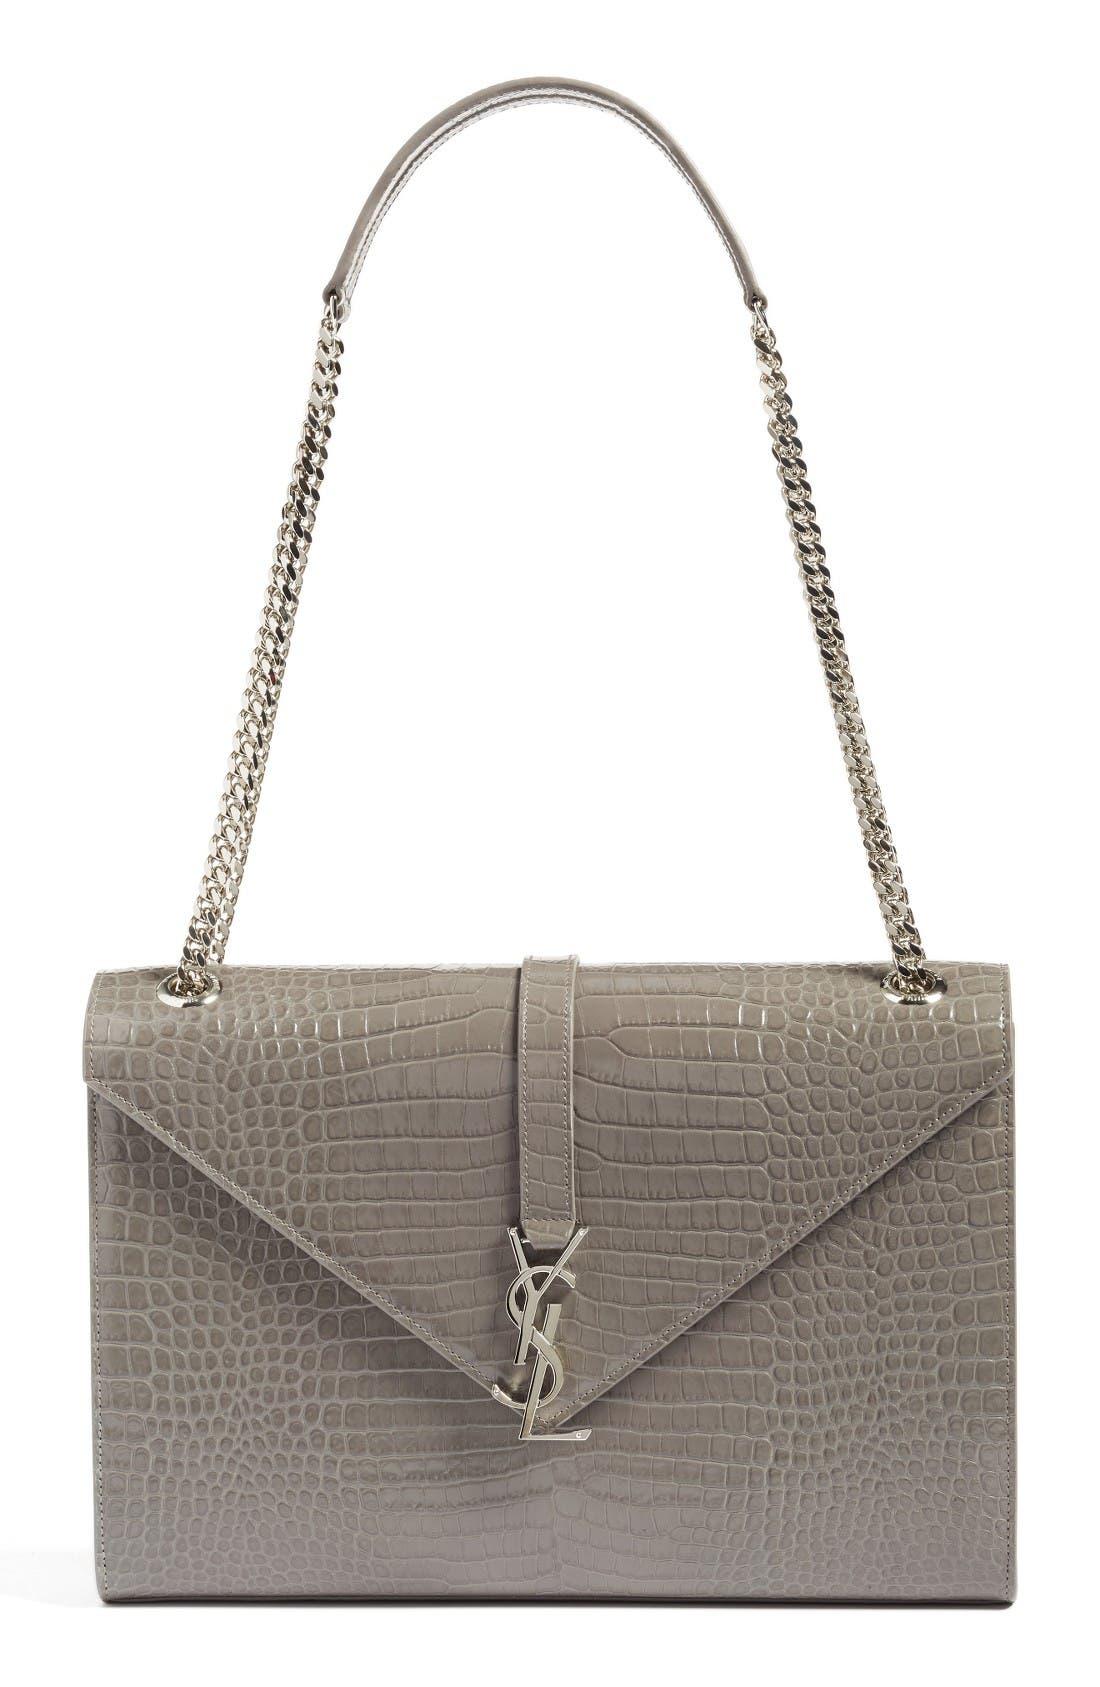 Saint Laurent Large Monogram Leather Shoulder Bag